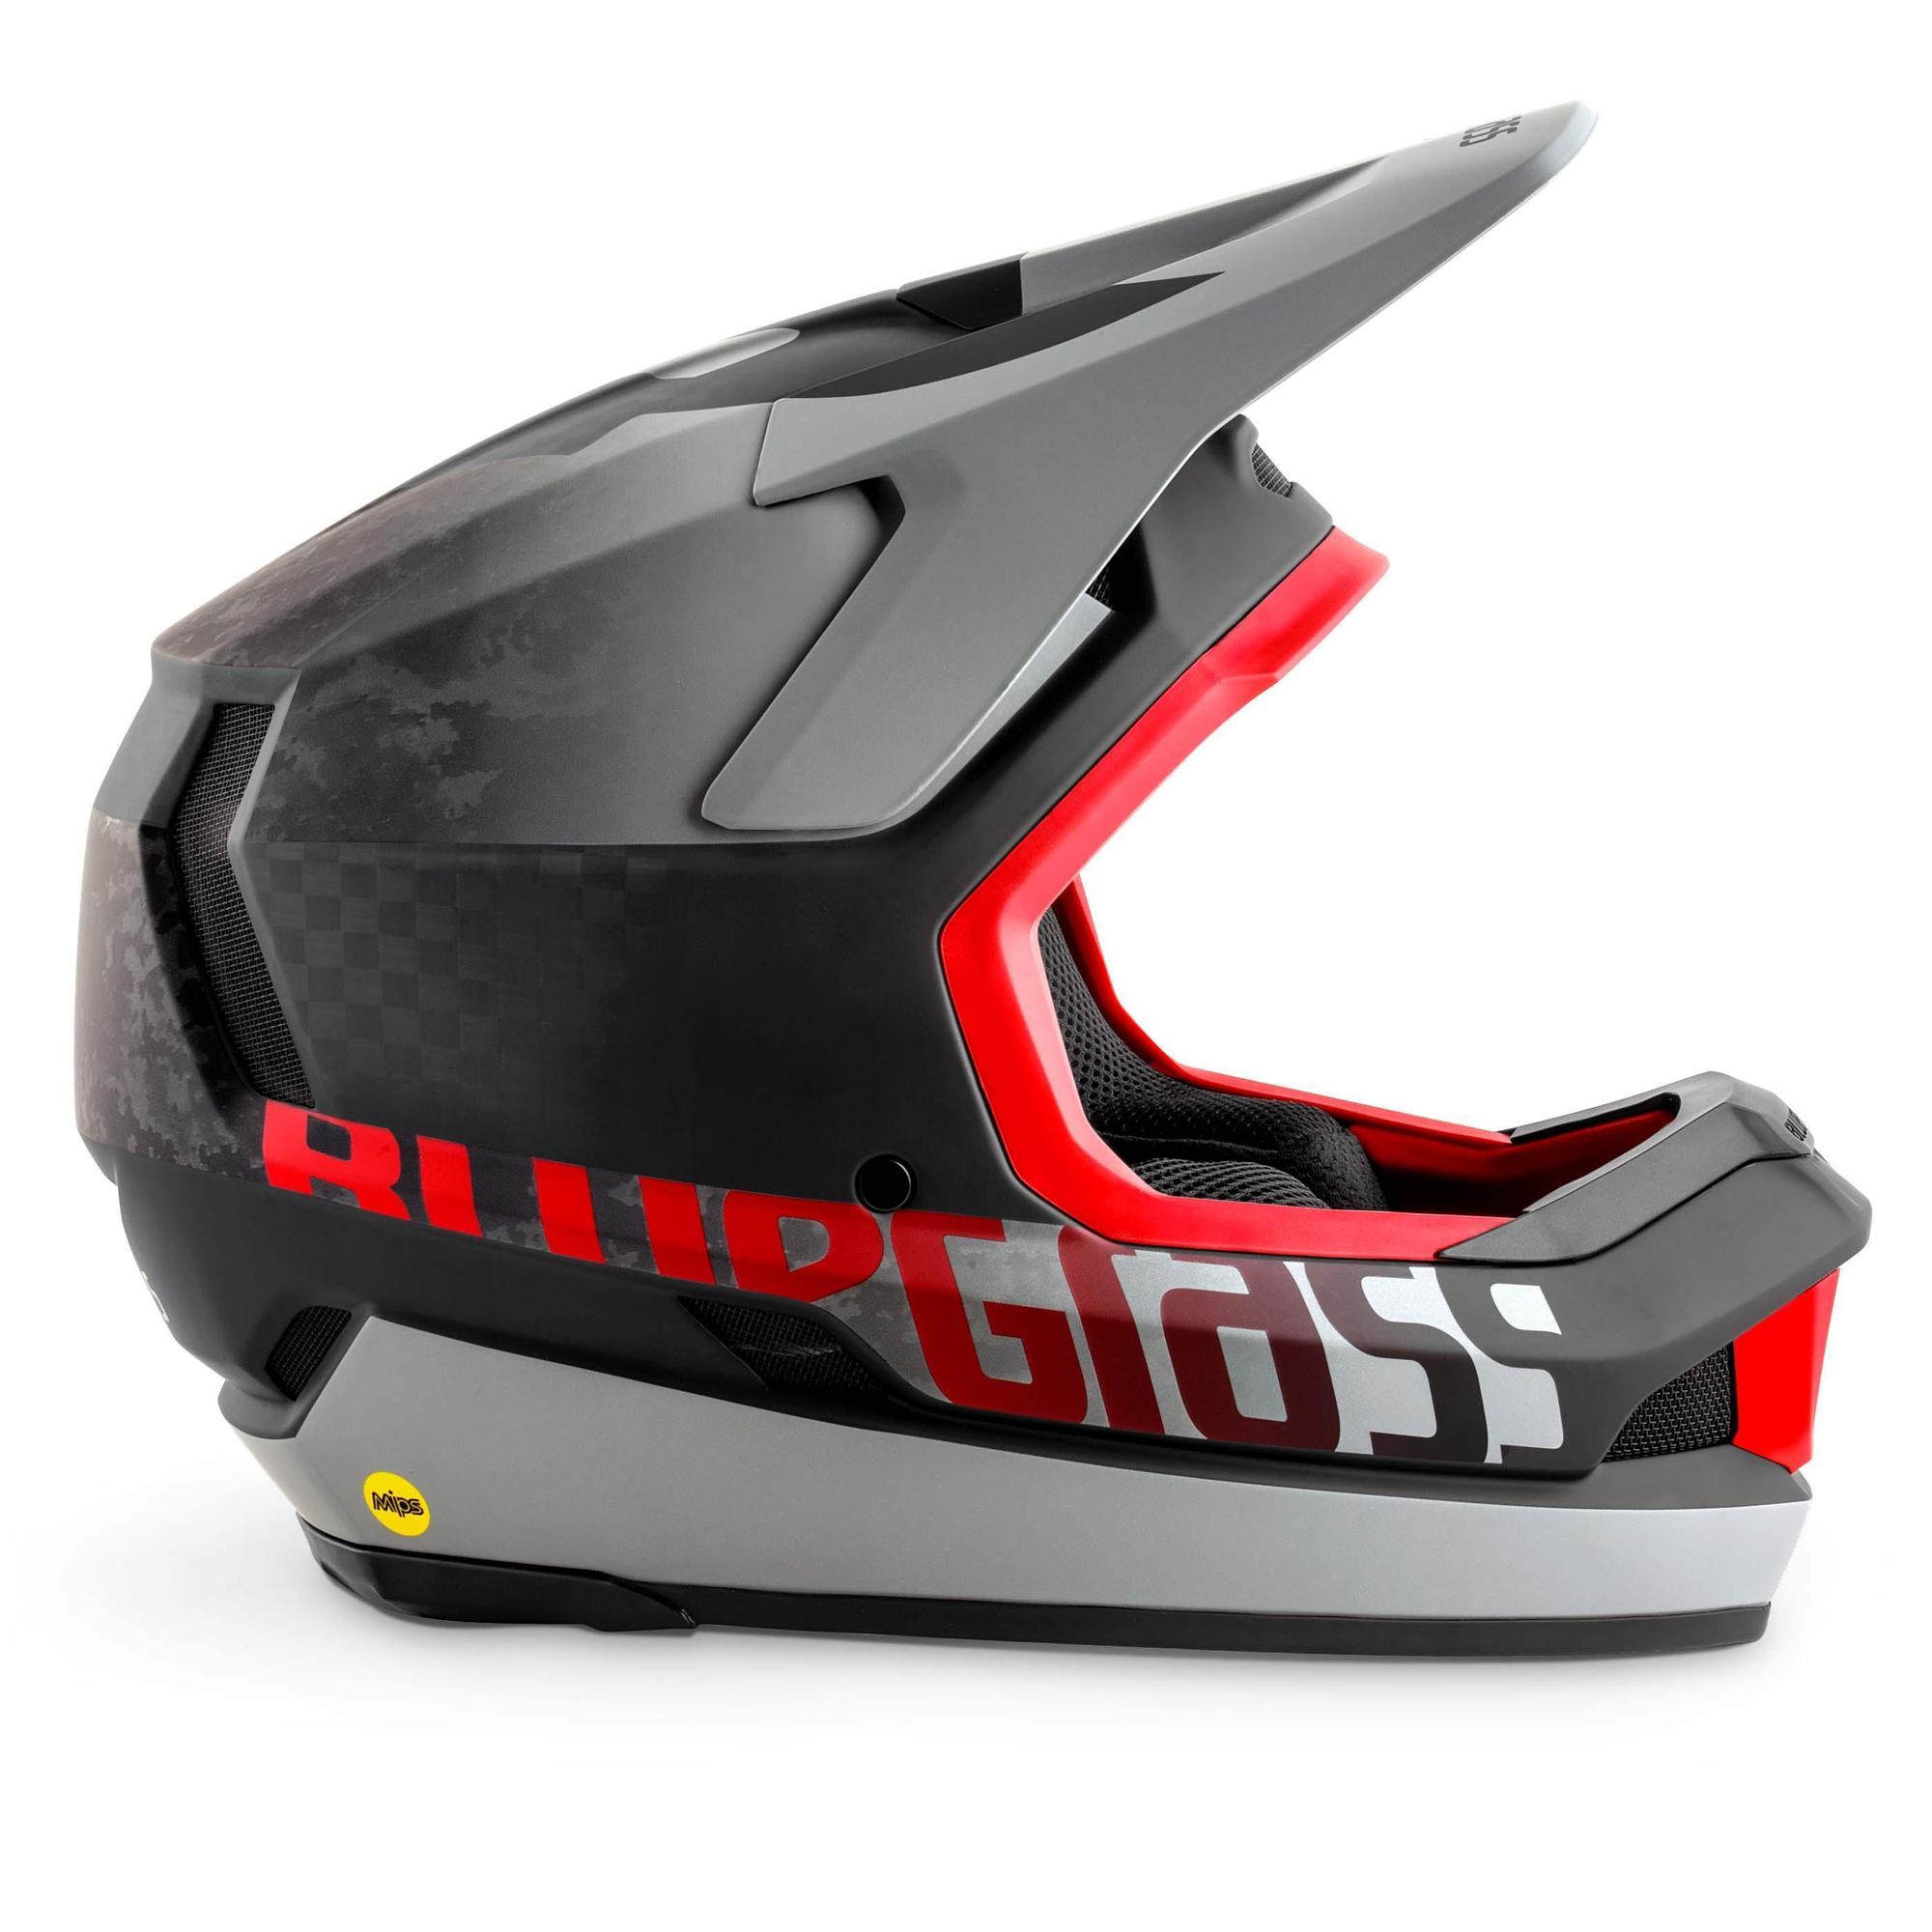 Bluegrass Legit Carbon MIPS Helm 2020